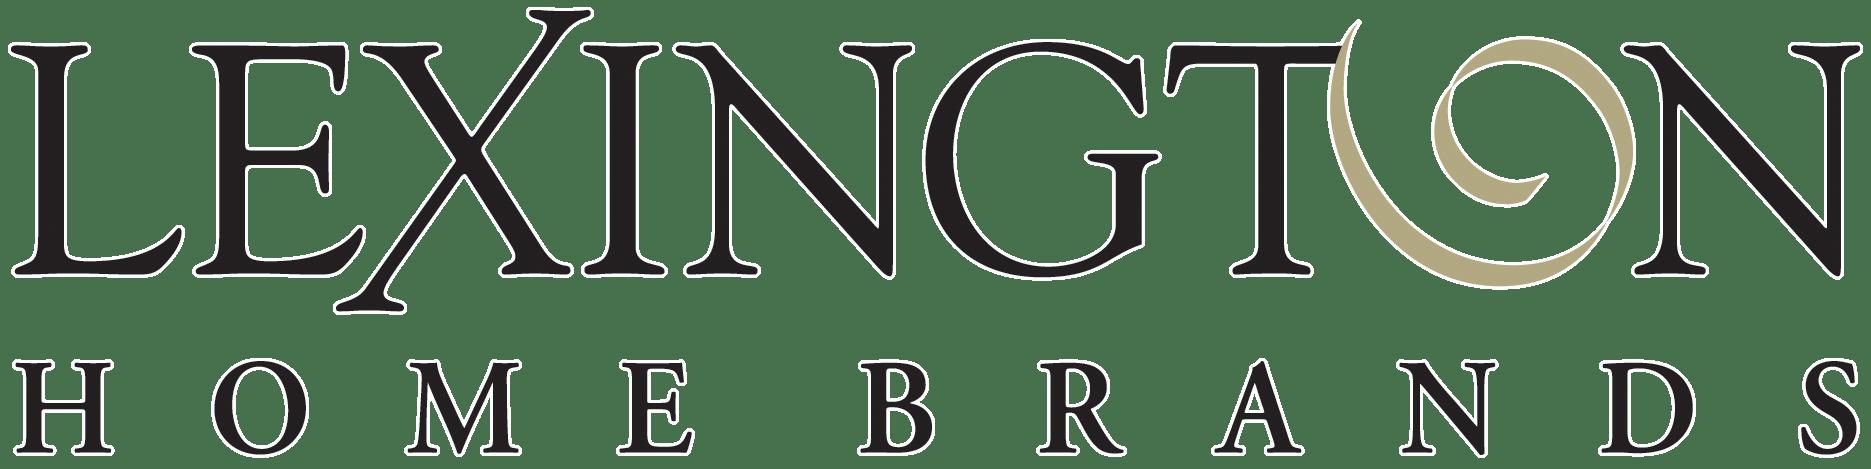 Lexington Homes Brands Logo